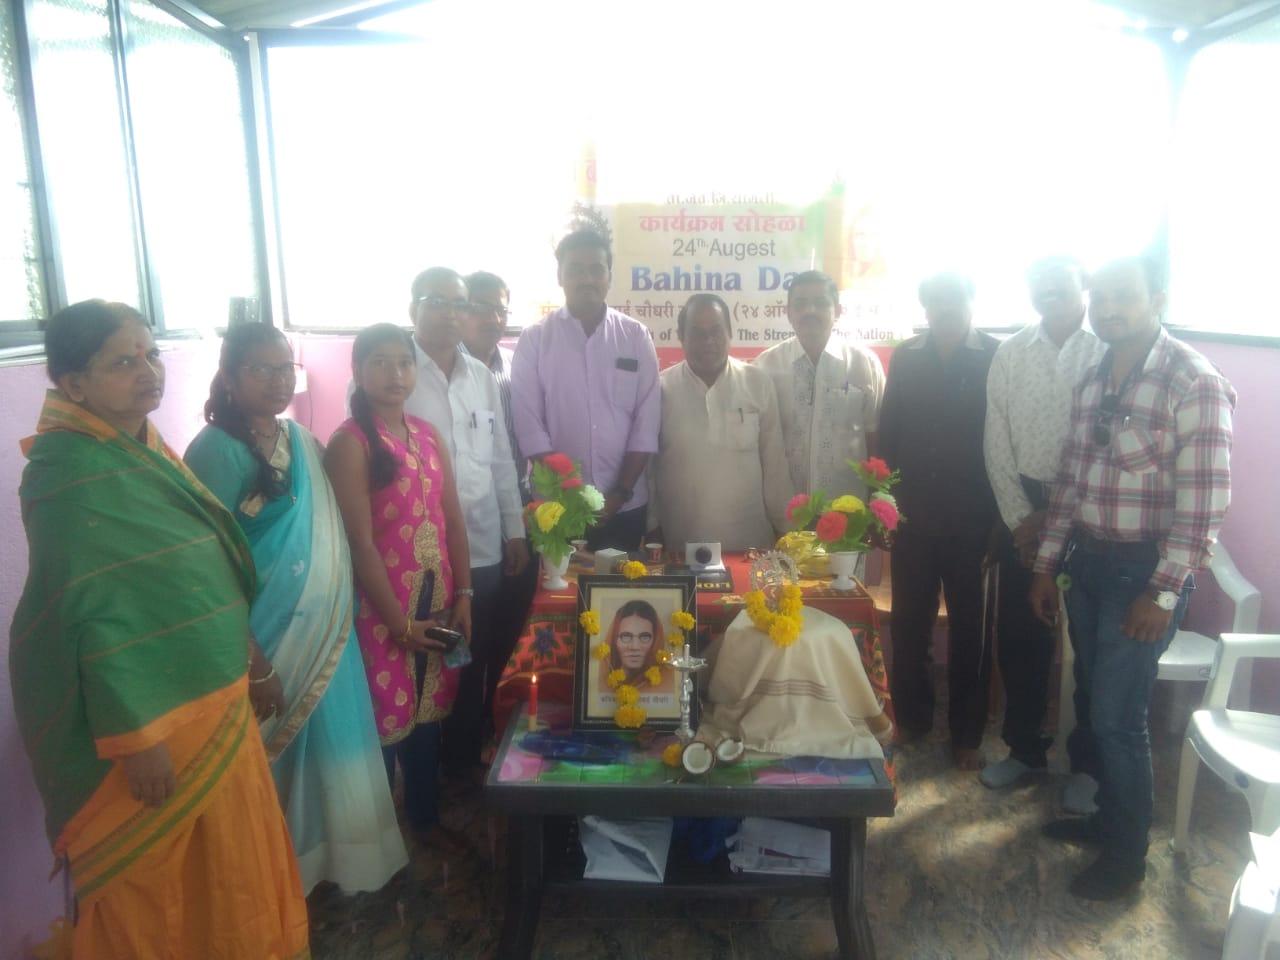 Adarsh Maharashtra | जत मध्ये जागतिक मराठी रंगभूमी दिन संपन्न